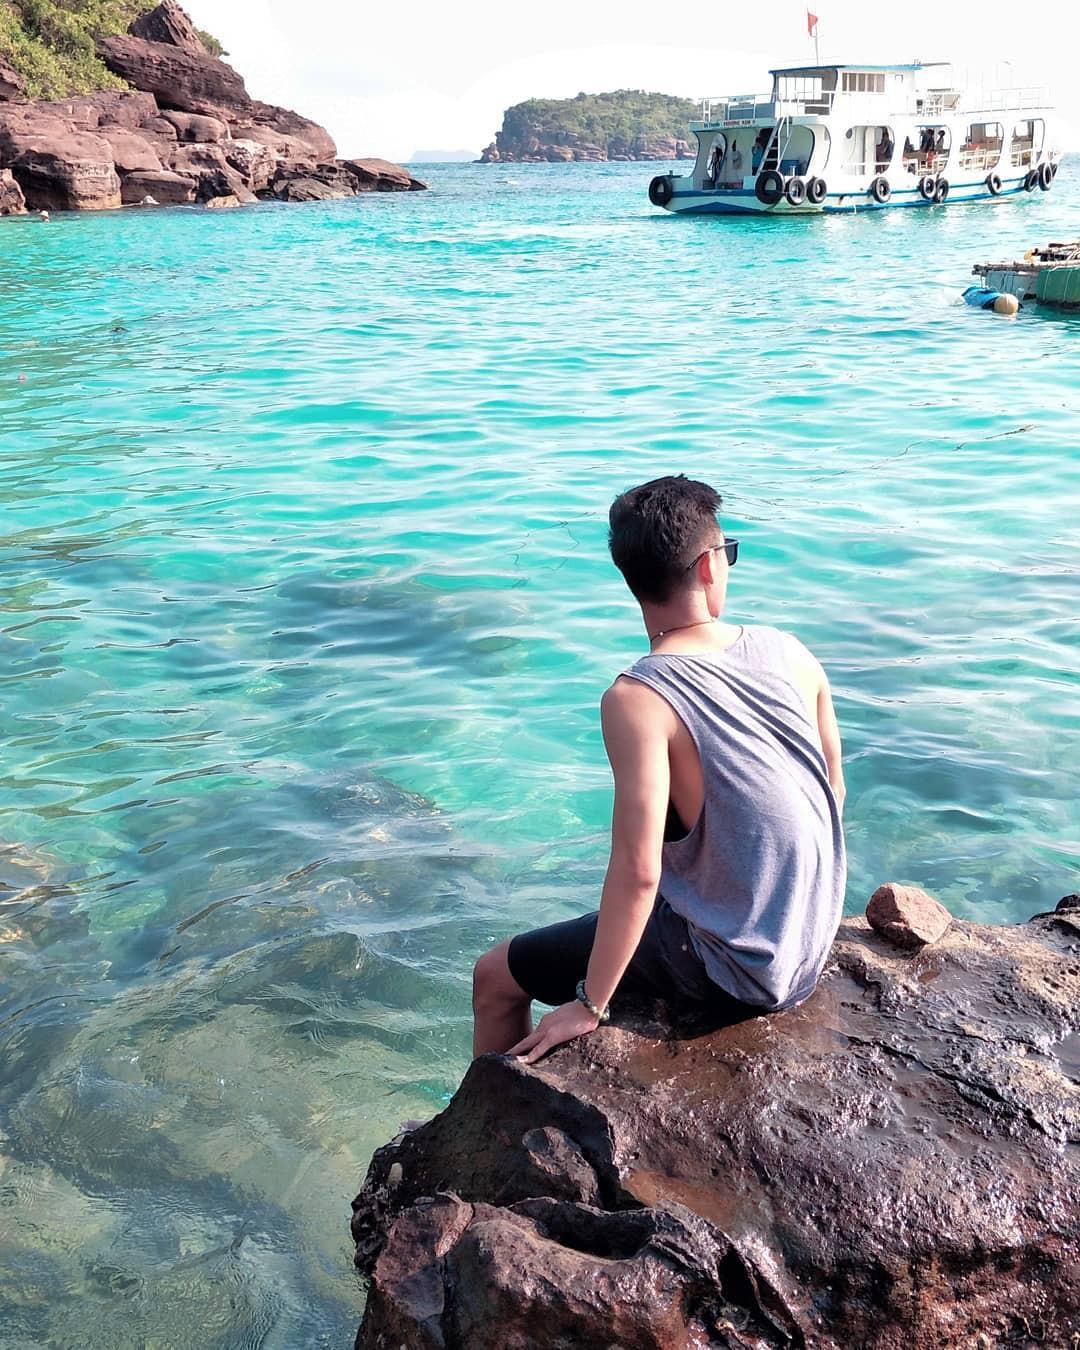 """Hòn Móng Tay ở Kiên Giang thay đổi chóng mặt sau vài năm, du khách tiếc nuối tự hỏi: """"Ốc đảo Robinson"""" nay còn đâu? - Ảnh 1."""